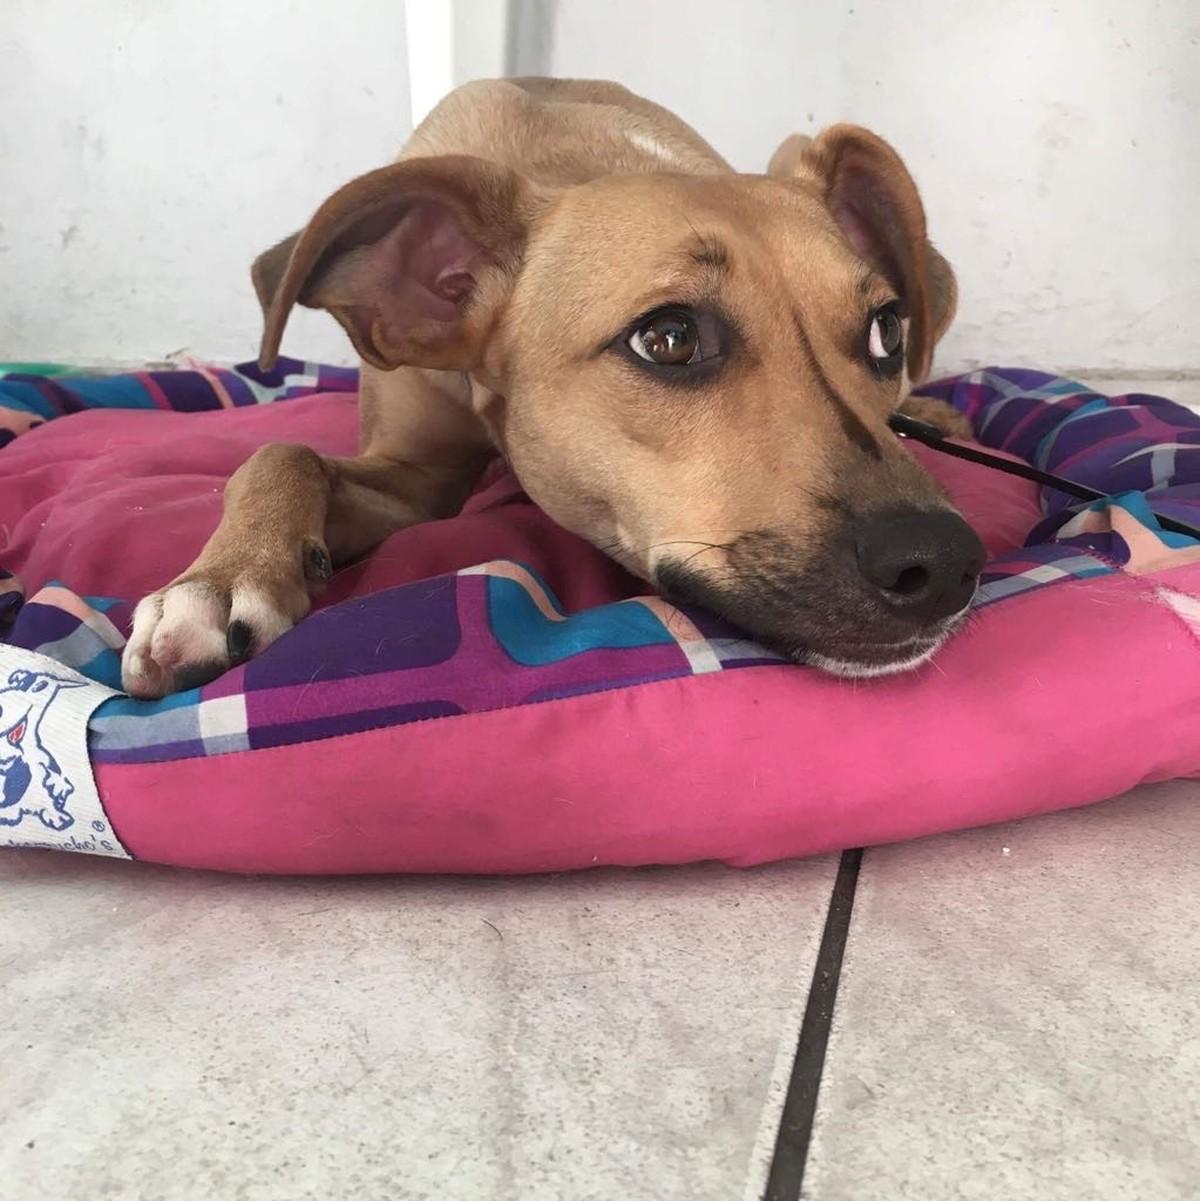 Suzano recebe feira de adoção de cães e gatos neste fim de semana